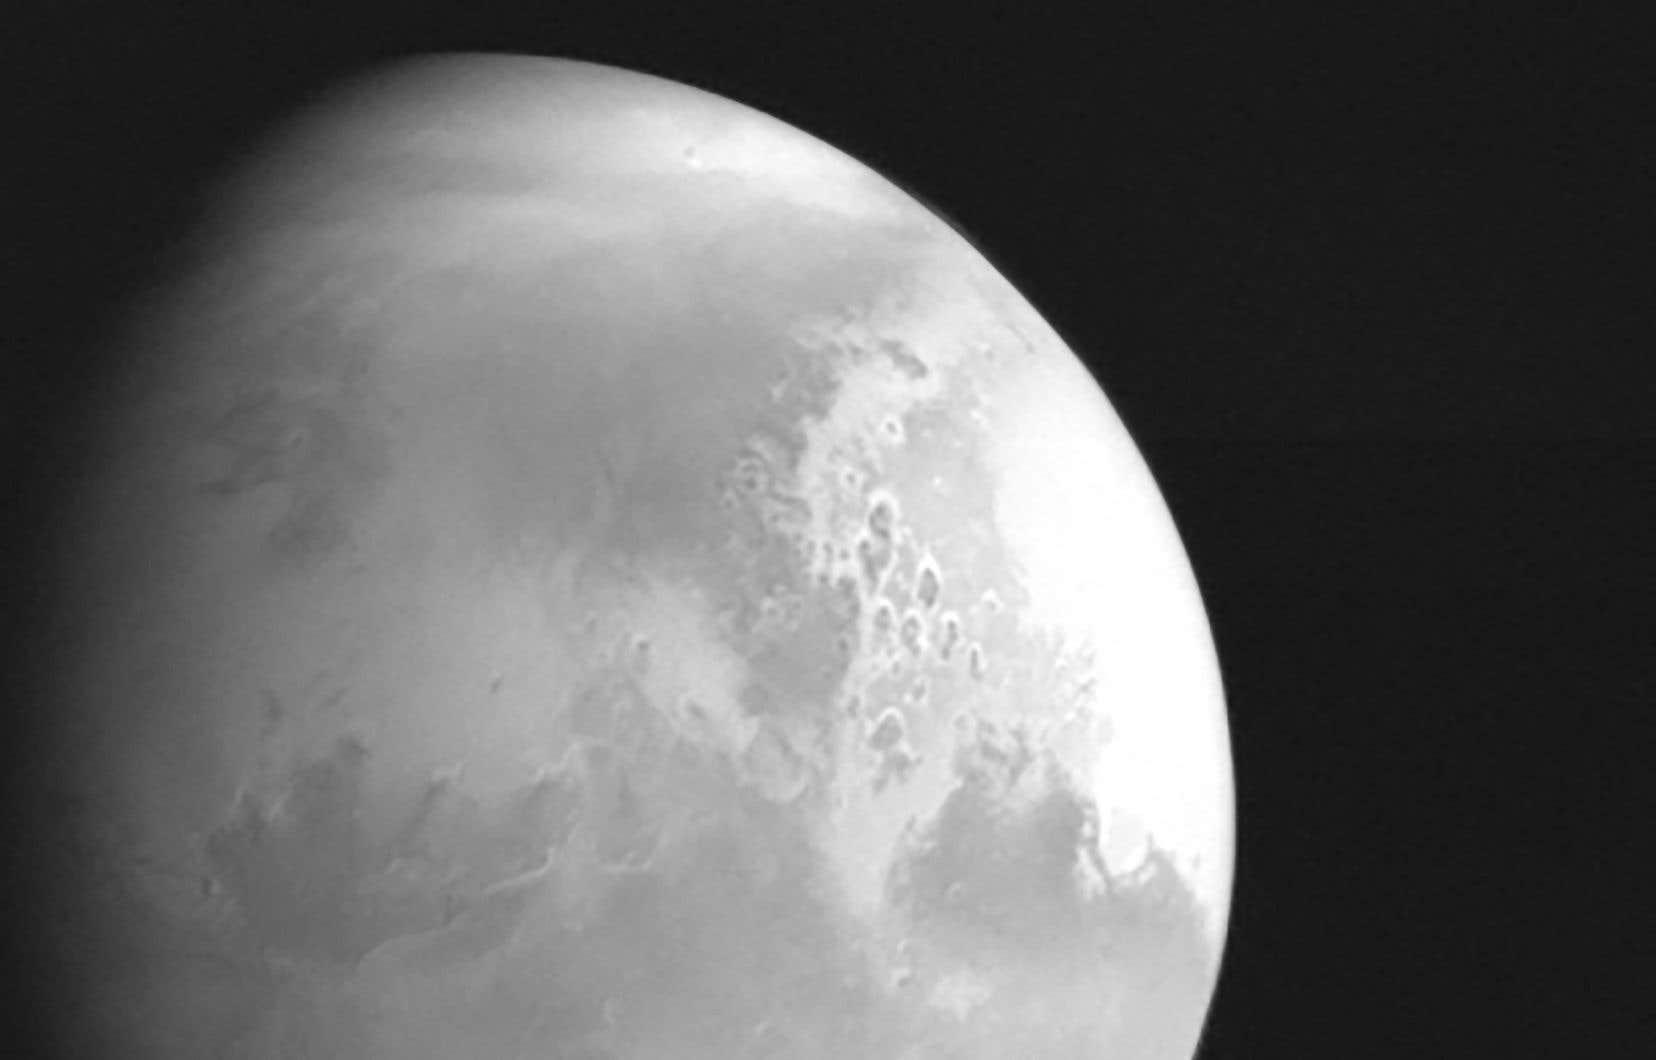 La sonde chinoise <i>Tianwen-1</i> a réussi à se placer en orbite autour de Mars mercredi, après un voyage de près de sept mois depuis la Terre.